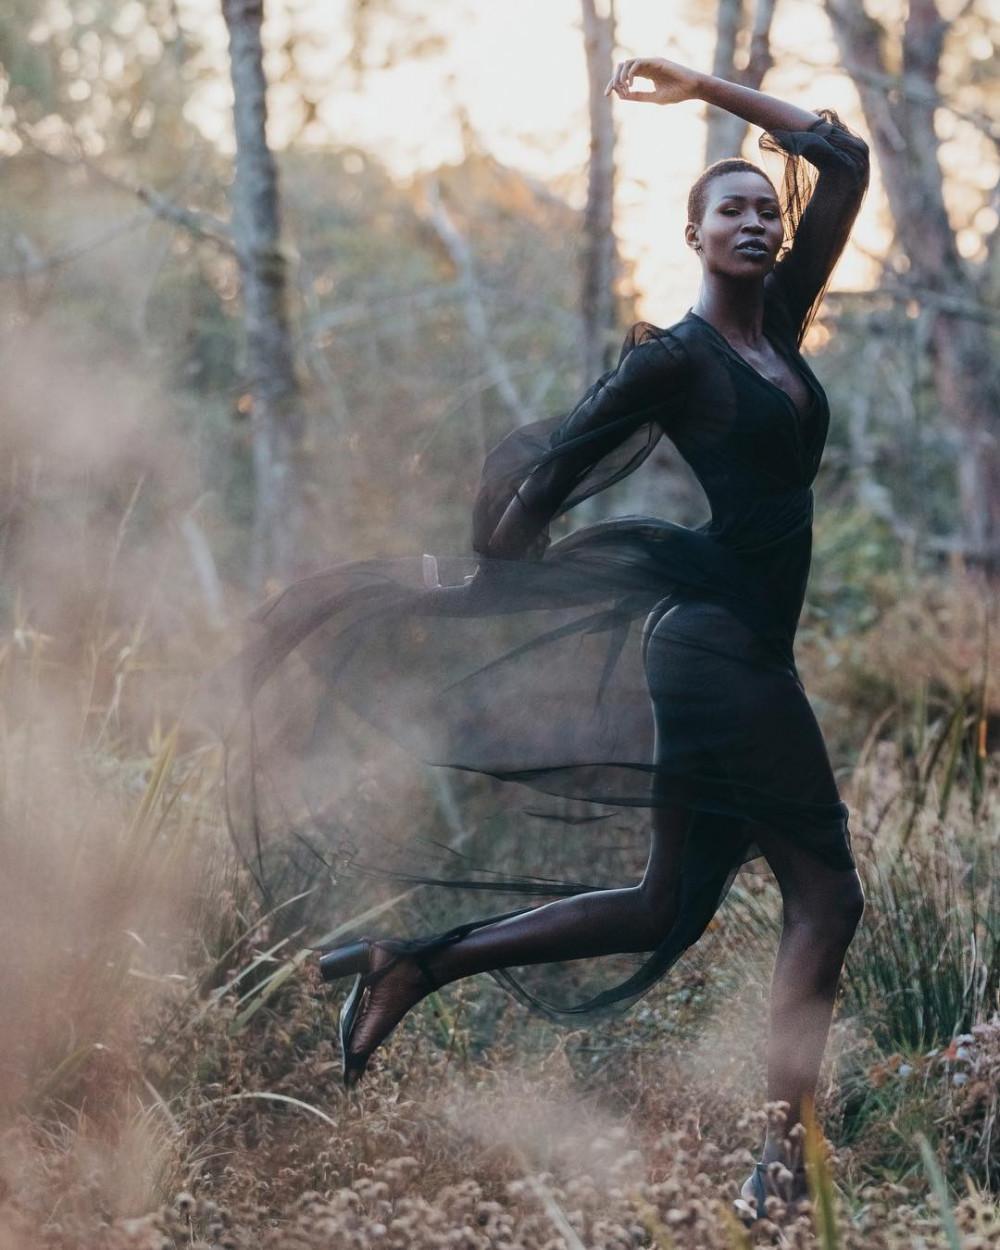 Cô cao đến 1m83, sở hữu thân hình săn chắc và làn da trông khoẻ khoắn nên thường được chọn làm người mẫu trình diễn, chụp ảnh thời trang cao cấp. Nova Stevens làm người mẫu từ nhỏ. Đây cũng là công việc giúp cô có nguồn thu nhập tương đối để duy trì cuộc sống.